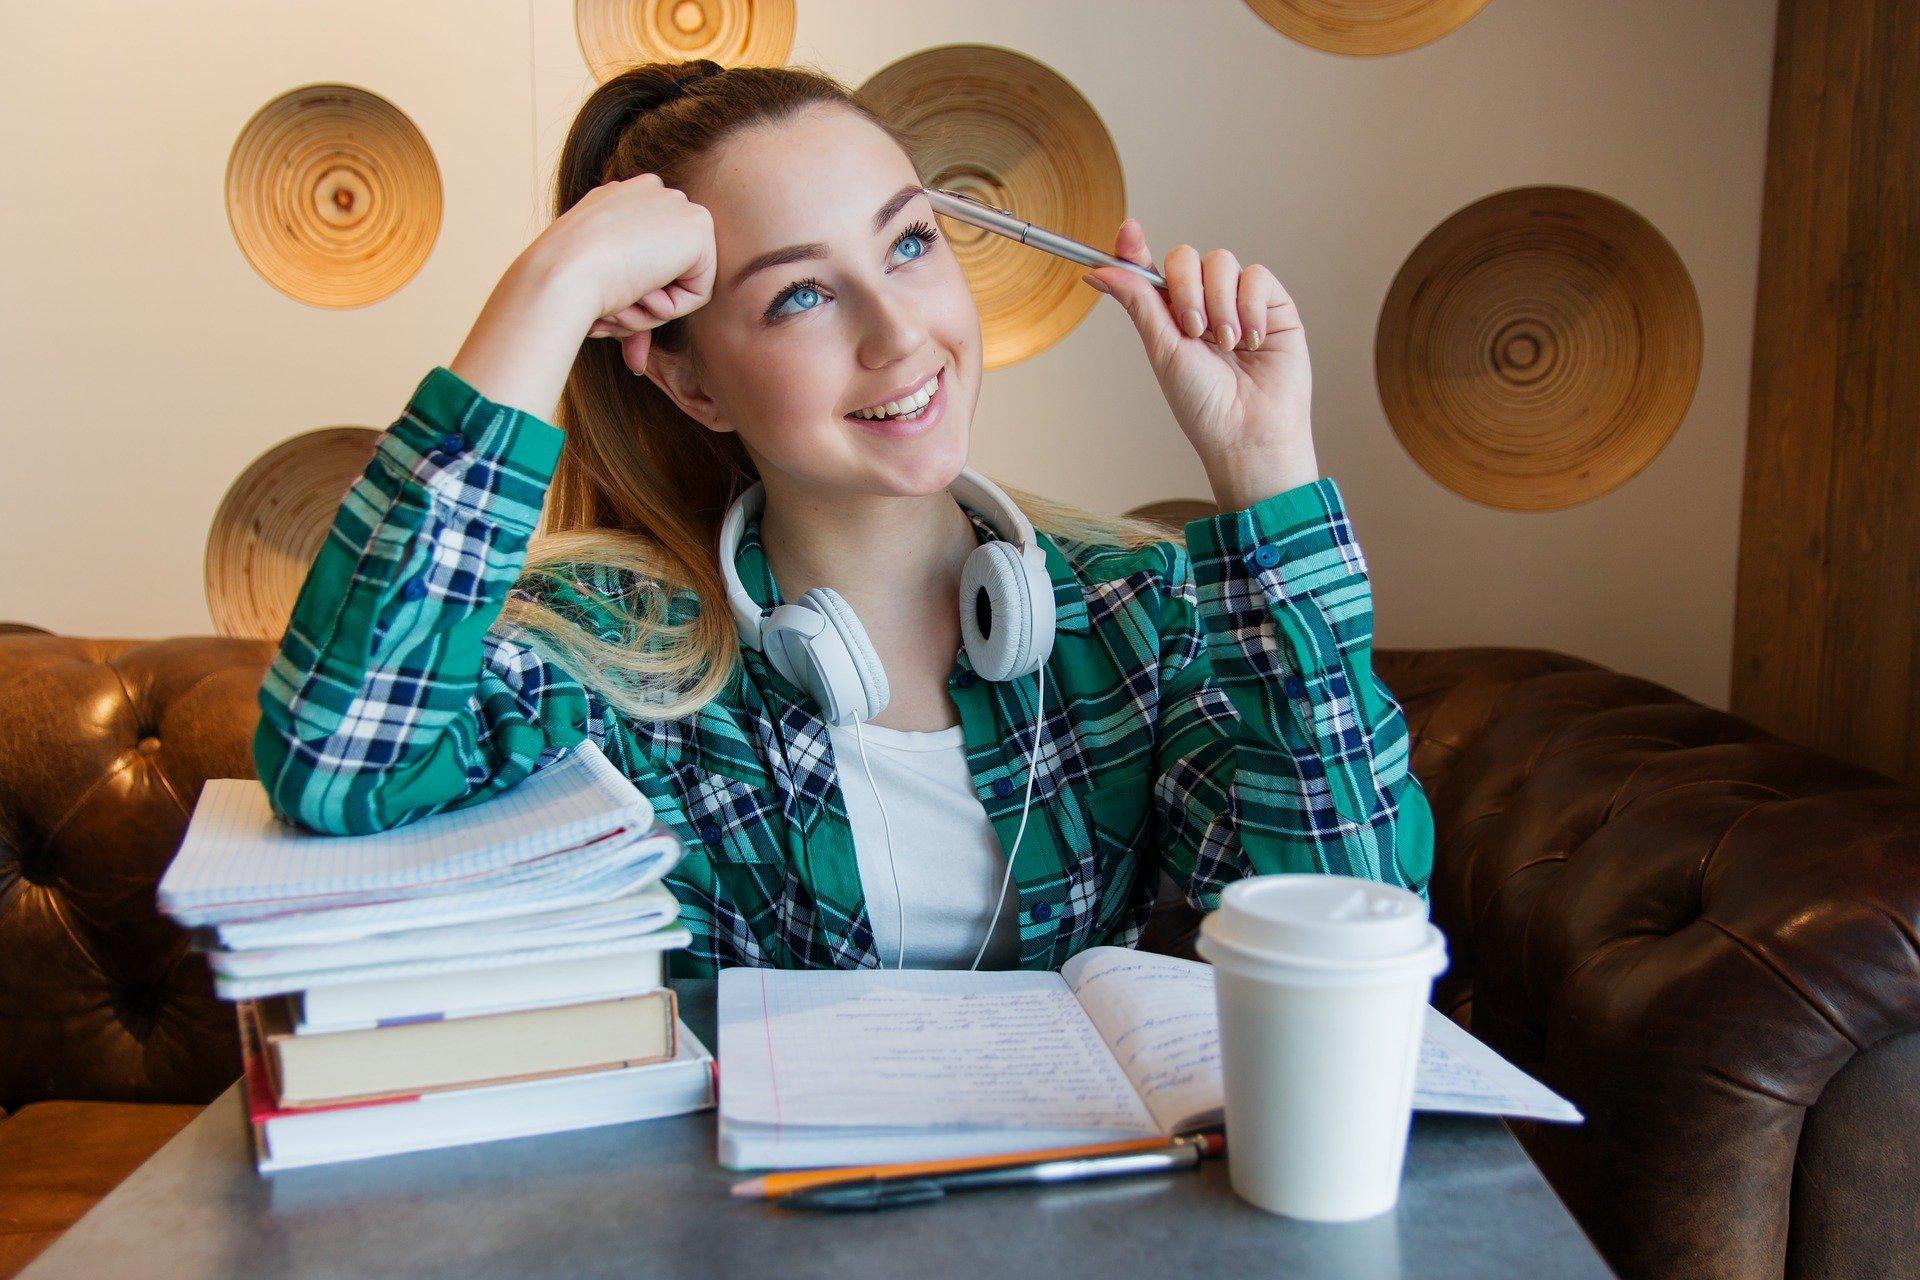 Berencana Kuliah Di Luar Negeri? Persiapkan 7 Hal Penting Ini!